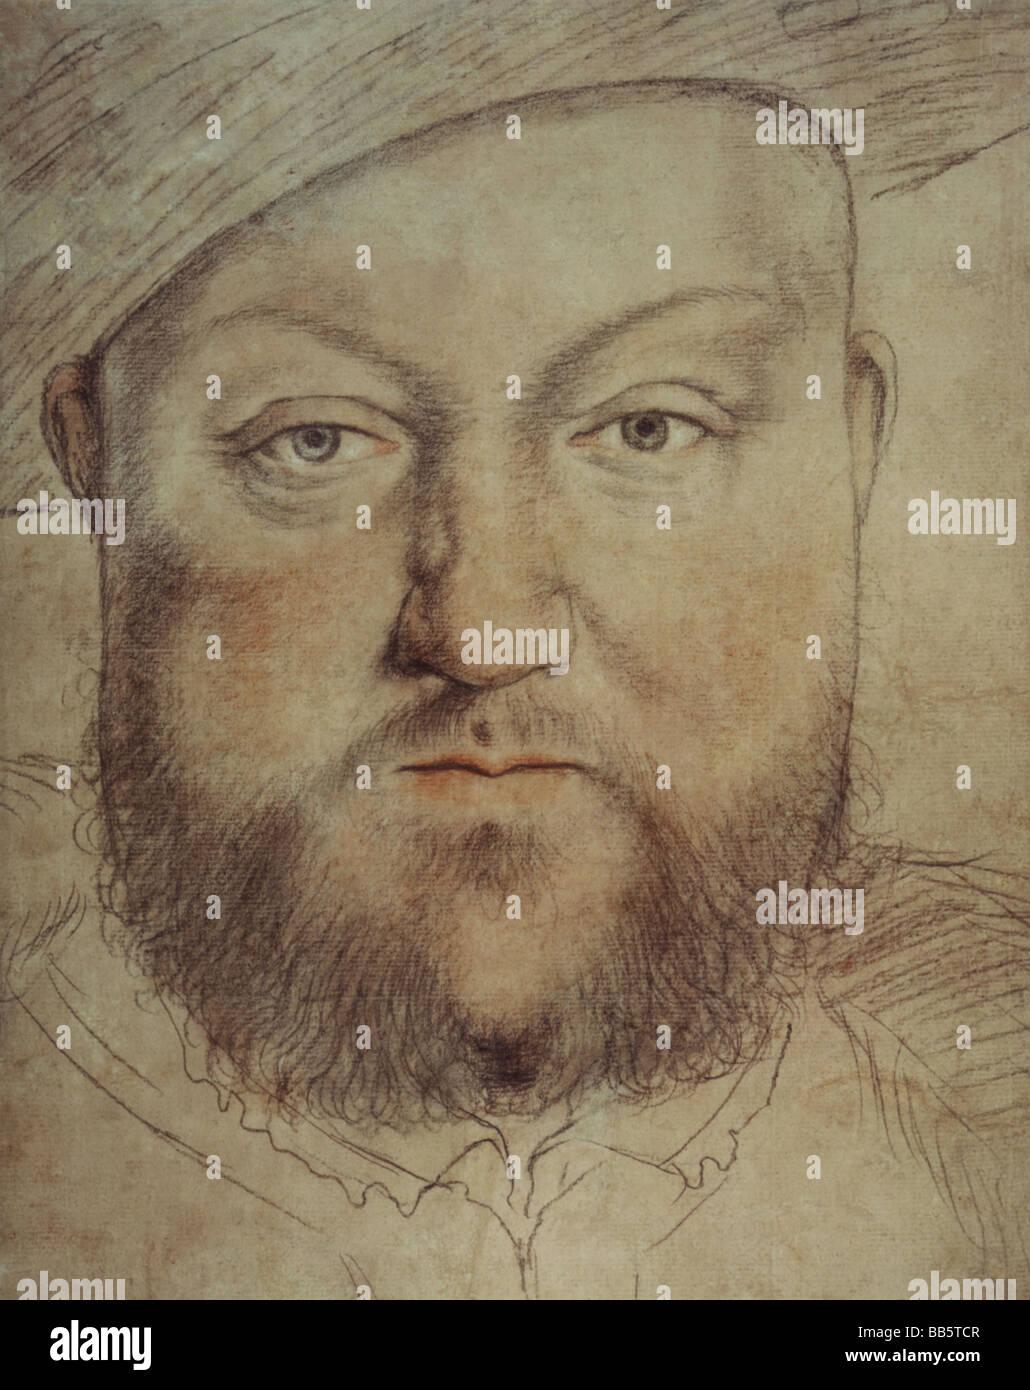 Henry VIII, 28.6.1491 - 28.1.1547, Rey de Inglaterra desde 1509, retrato, pintura de Hans Holbein el joven (1497 - 1543), autor del artista no ha de ser borrado Foto de stock